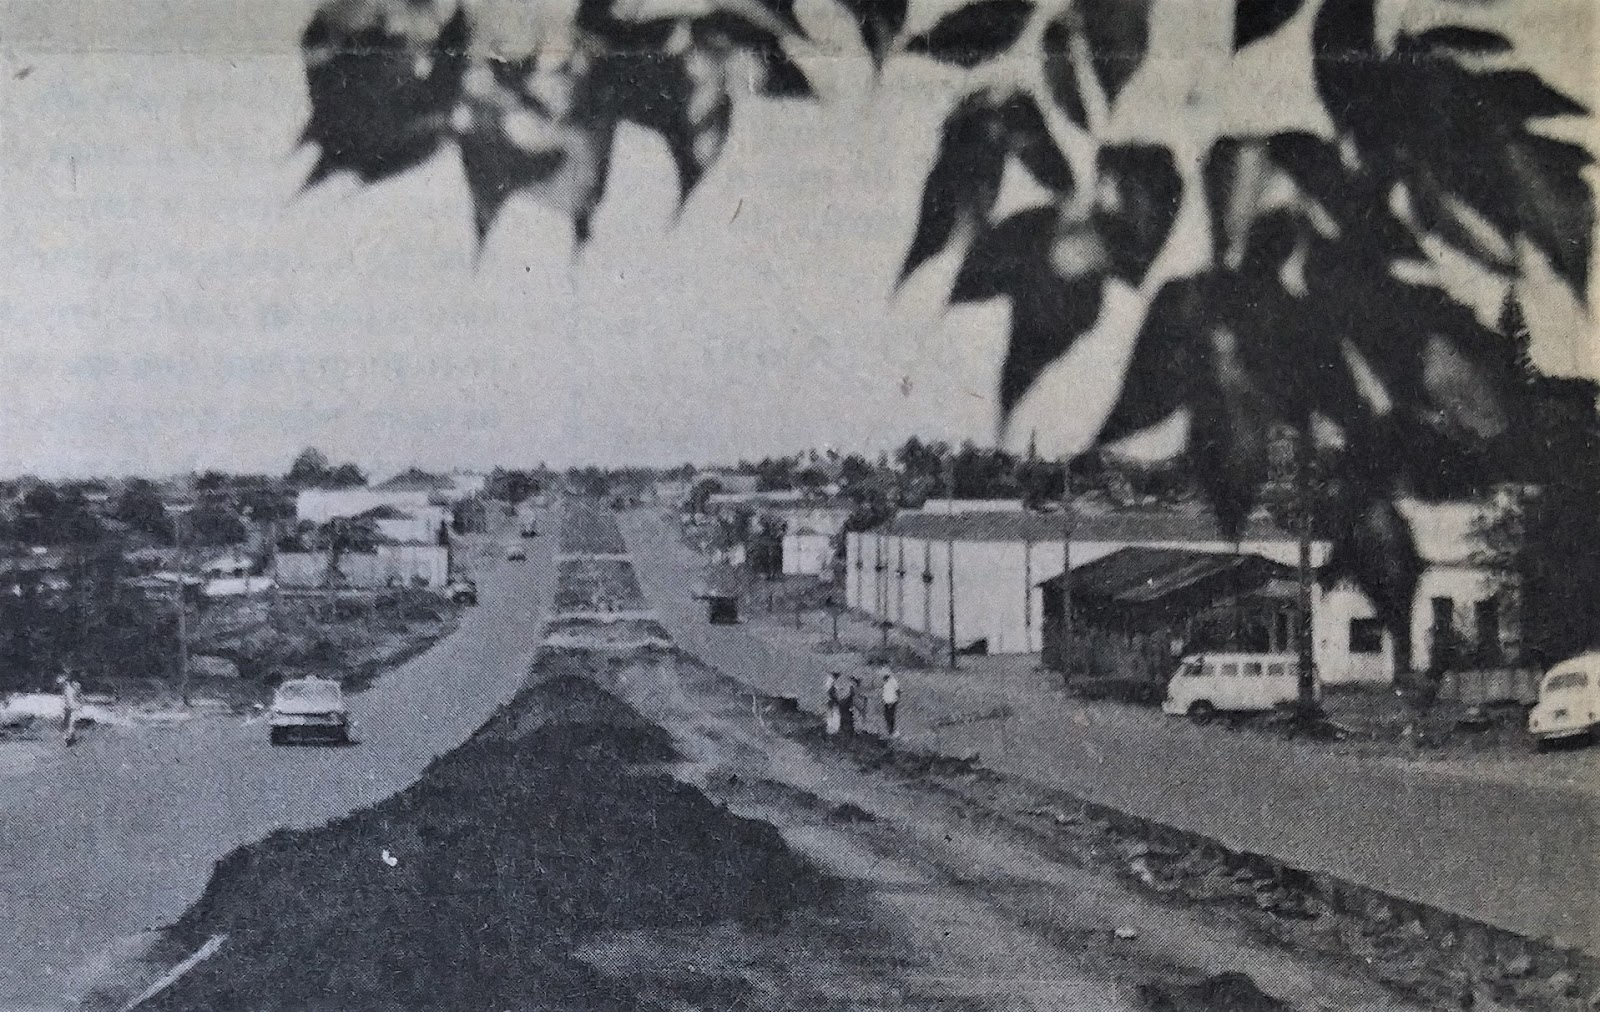 Avenida Colombo - 1975